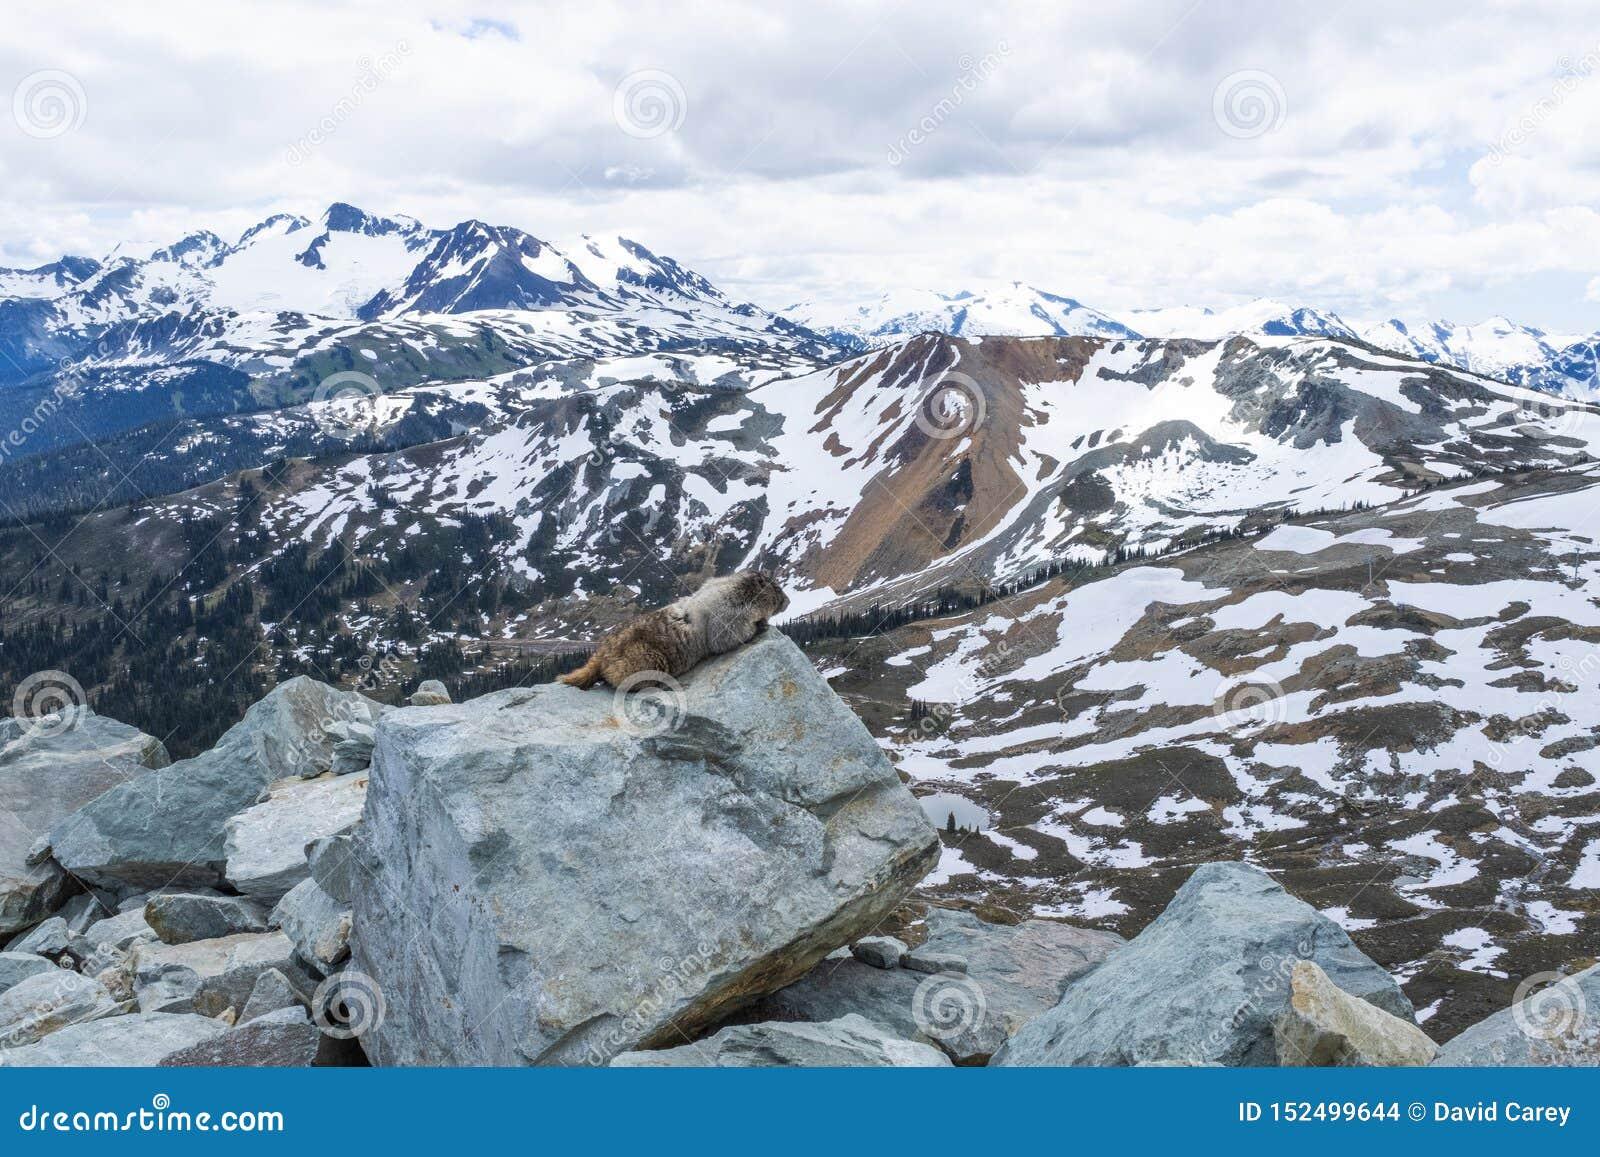 Hoary marmot enjoying the view on Whistler mountain